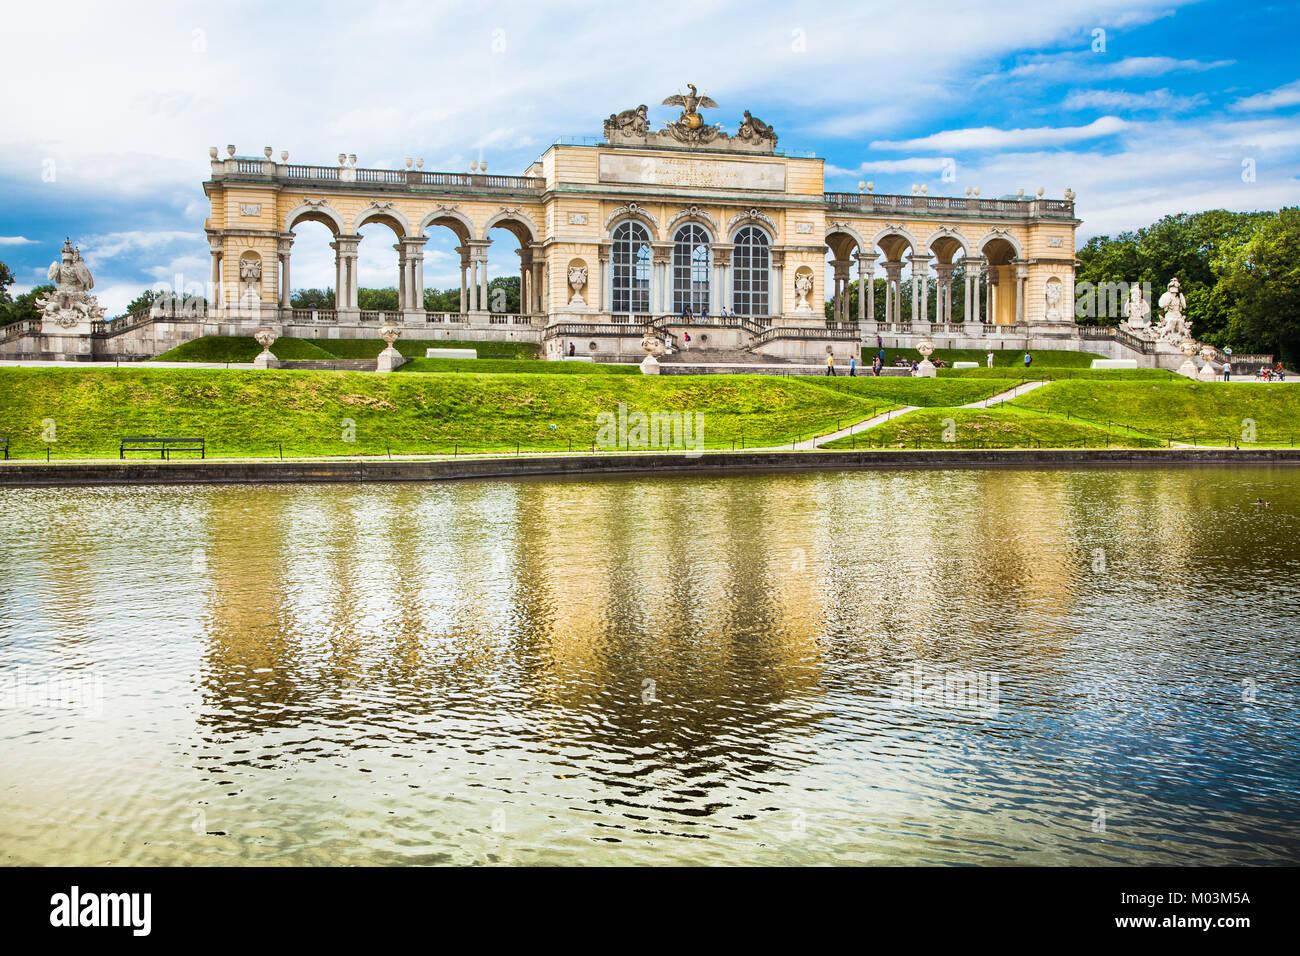 Hermosa vista del famoso Gloriette al palacio de Schonbrunn y jardines en Viena, Austria. Imagen De Stock